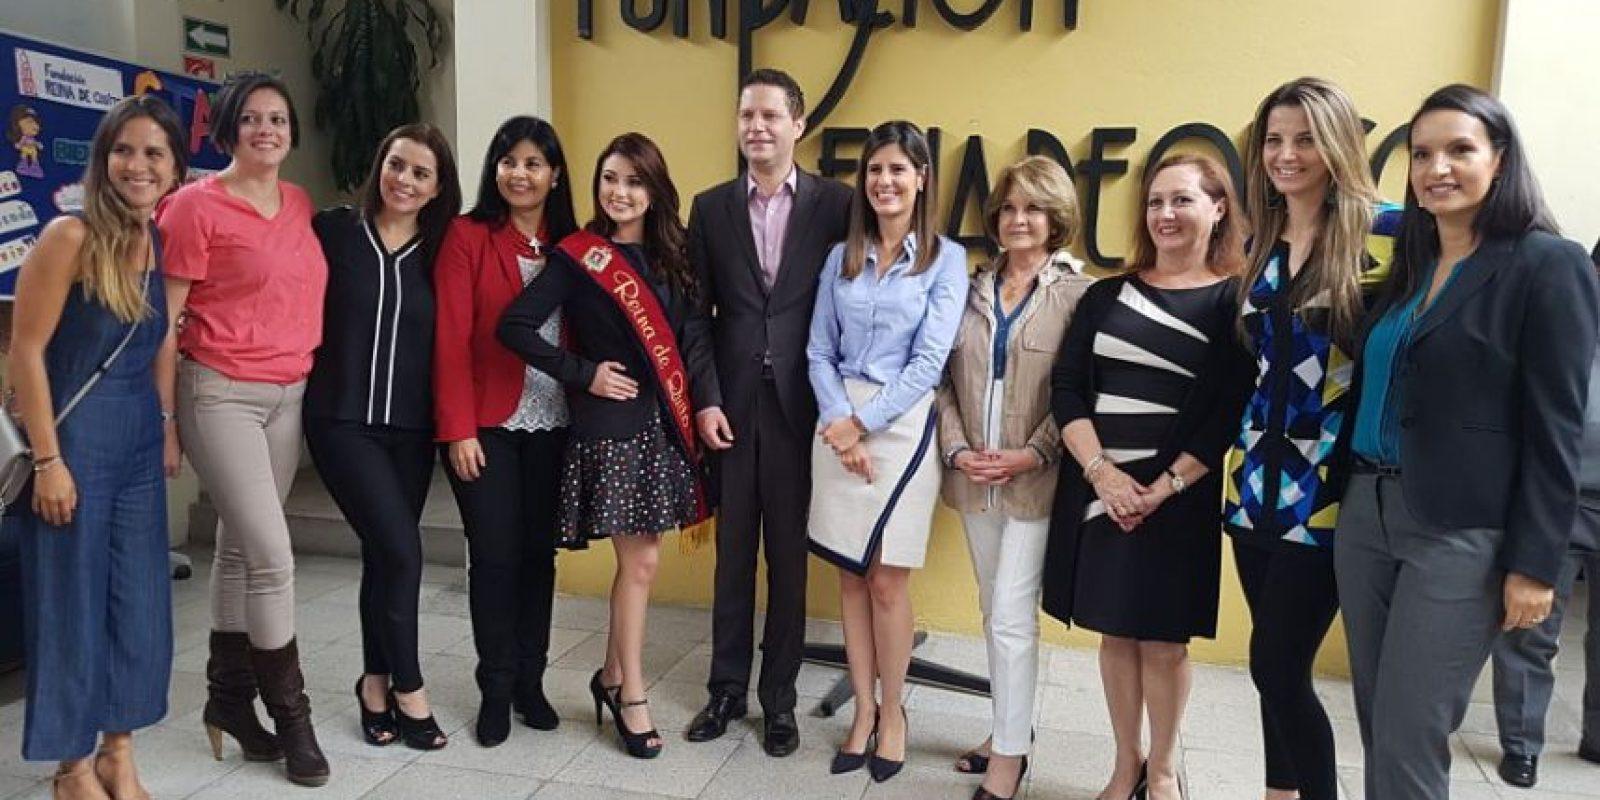 Integrantes de la Fundación Reina de Quito junto a las autoridades del Municipio de Quito.. Imagen Por: